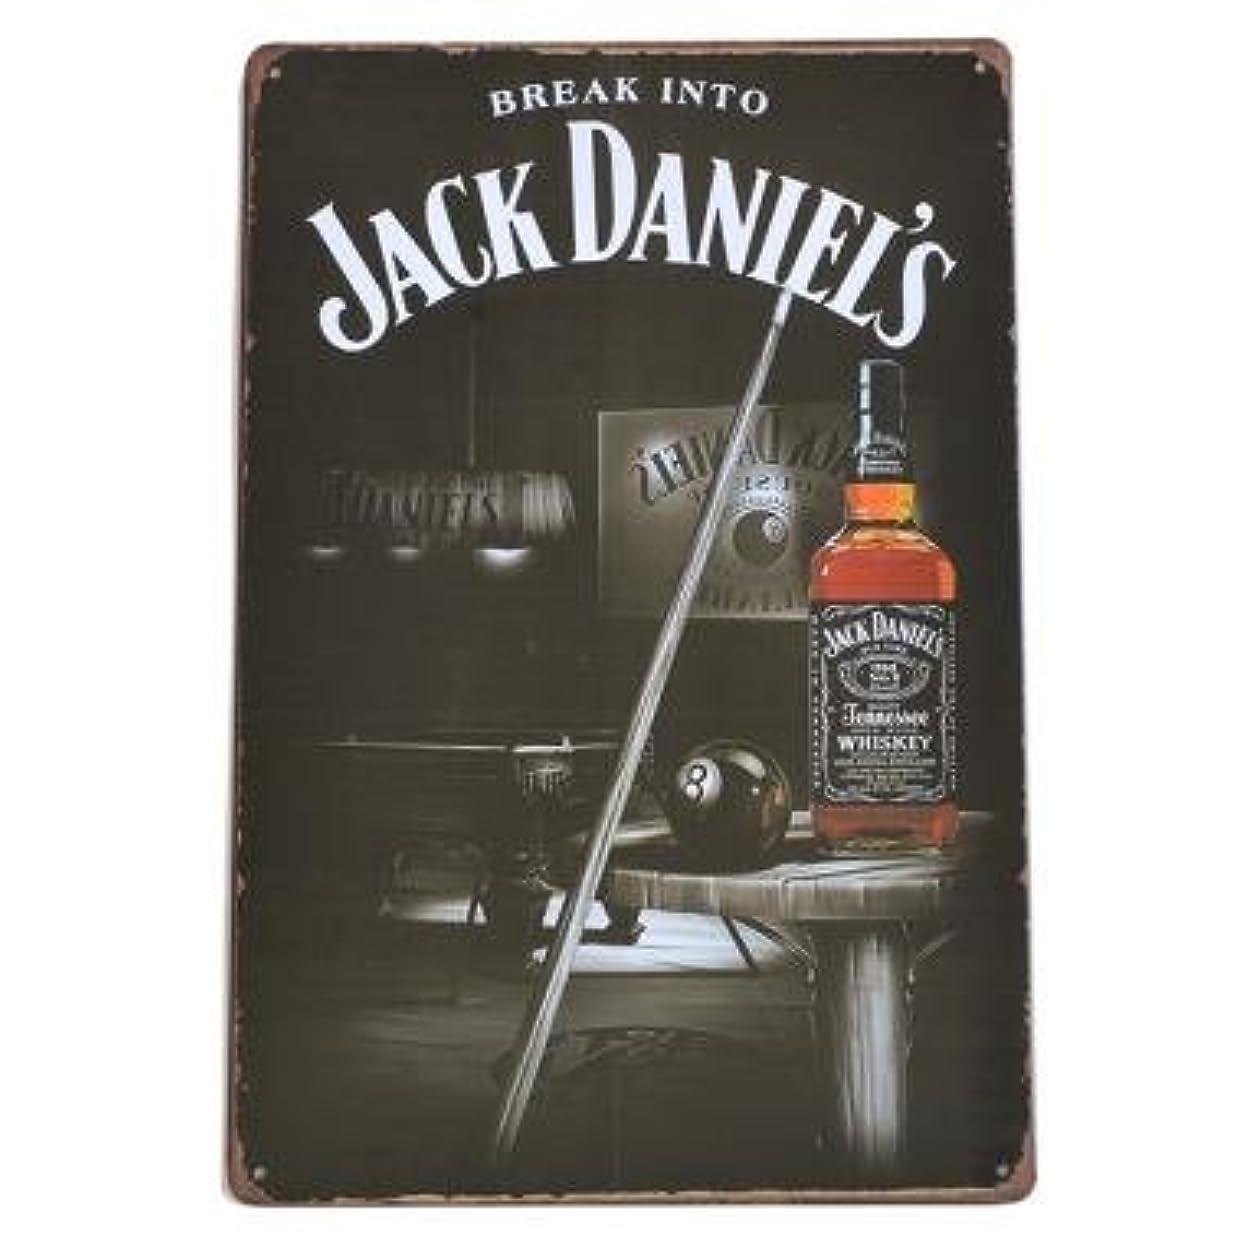 人工動力学火薬JACK DANIEL'S ブリキ看板 ジャックダニエル 看板 No.7 40cm×30cm (デザイン1) [並行輸入品]